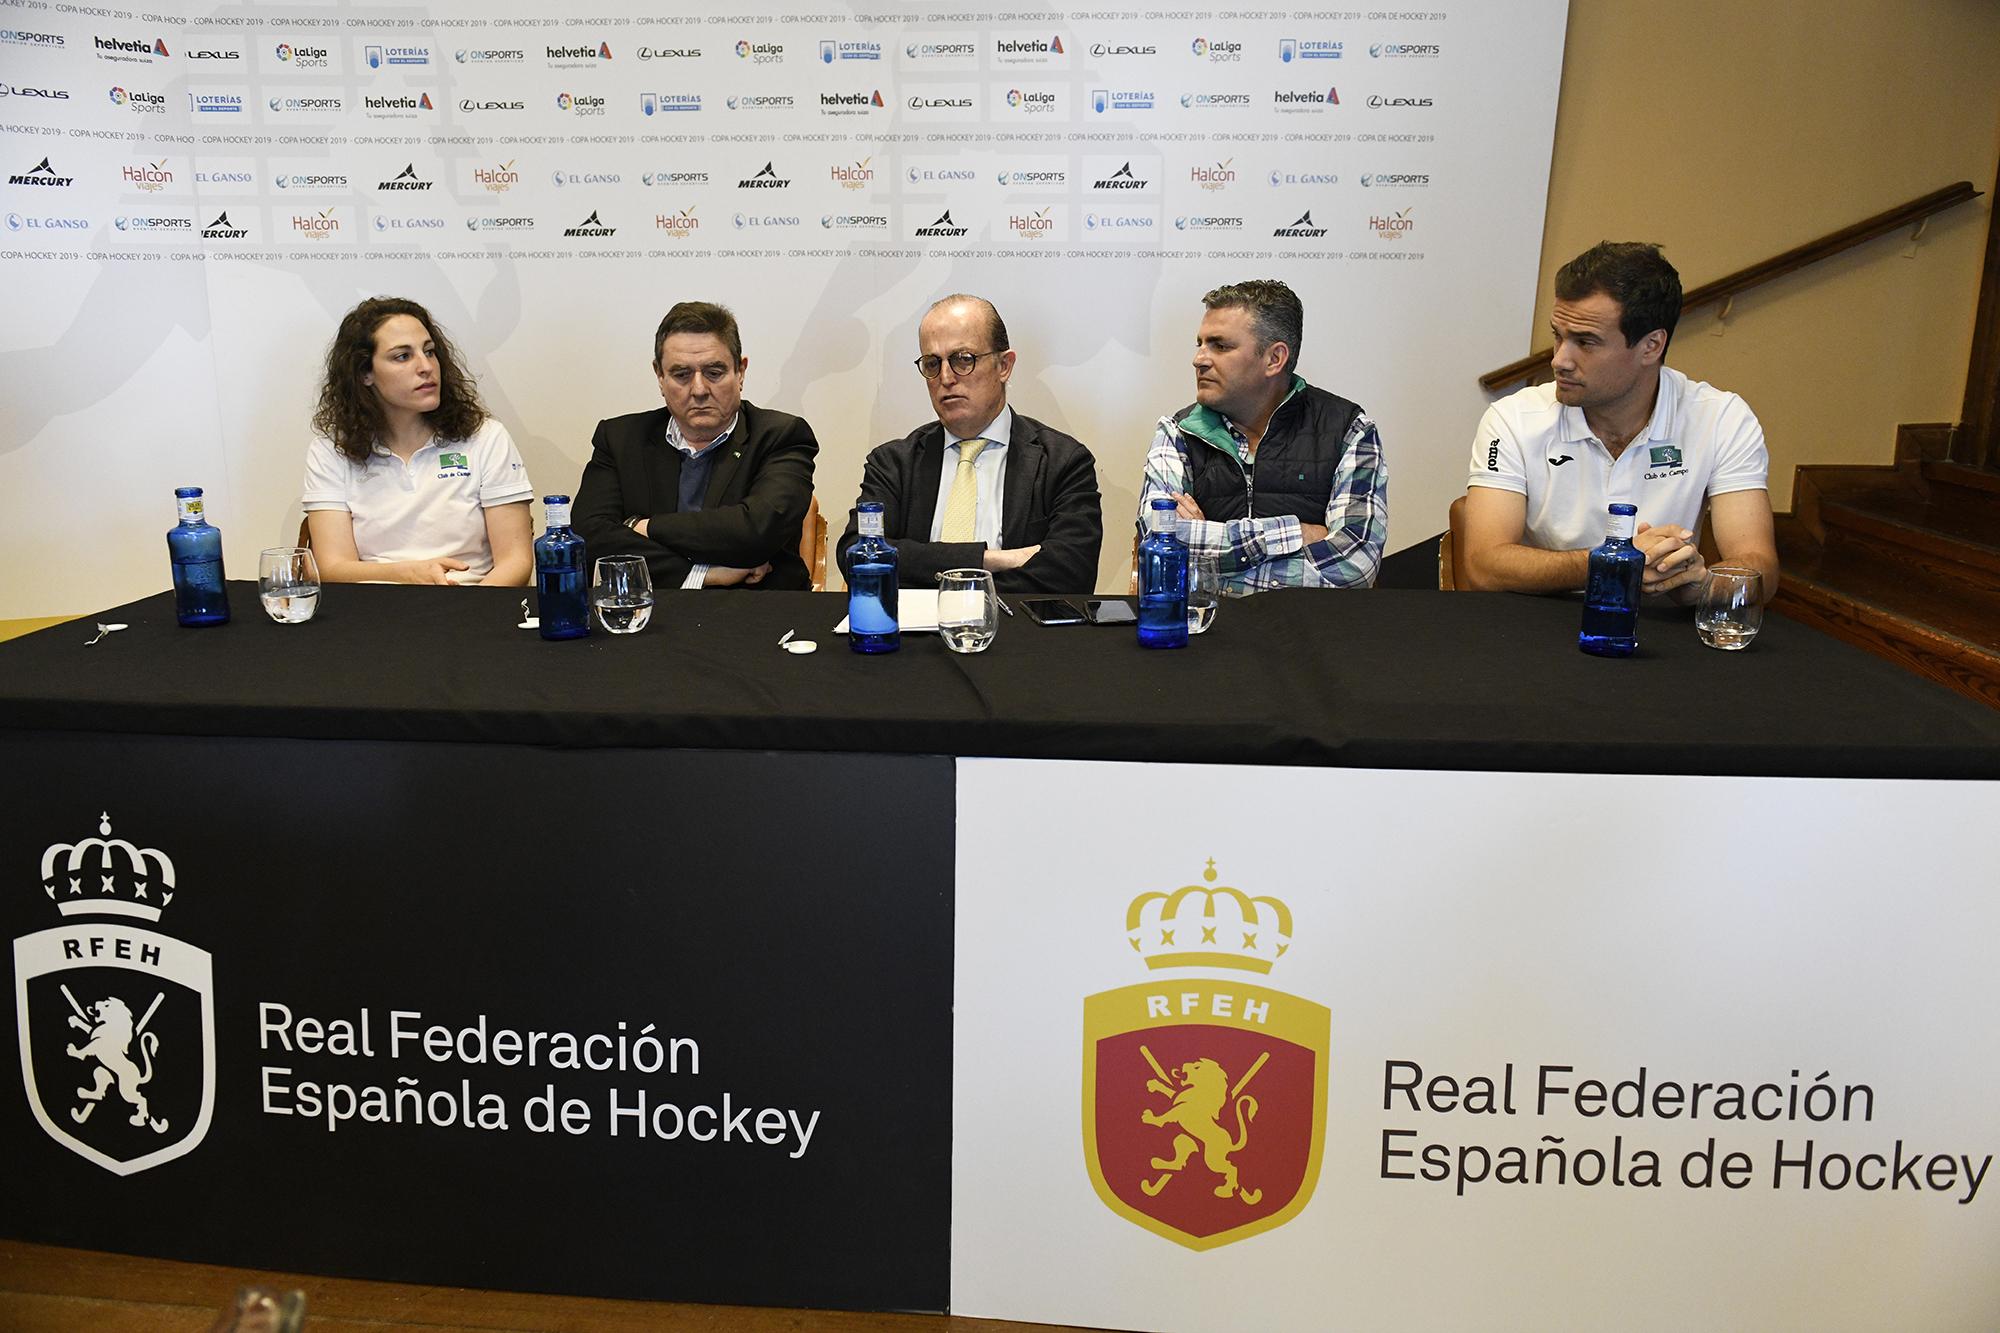 Mari Ruiz, Antonio Montalvo, Santiago Deó, Miguel Vilches y Álvaro Iglesias en la presentación. Foto: Rafa Aparicio